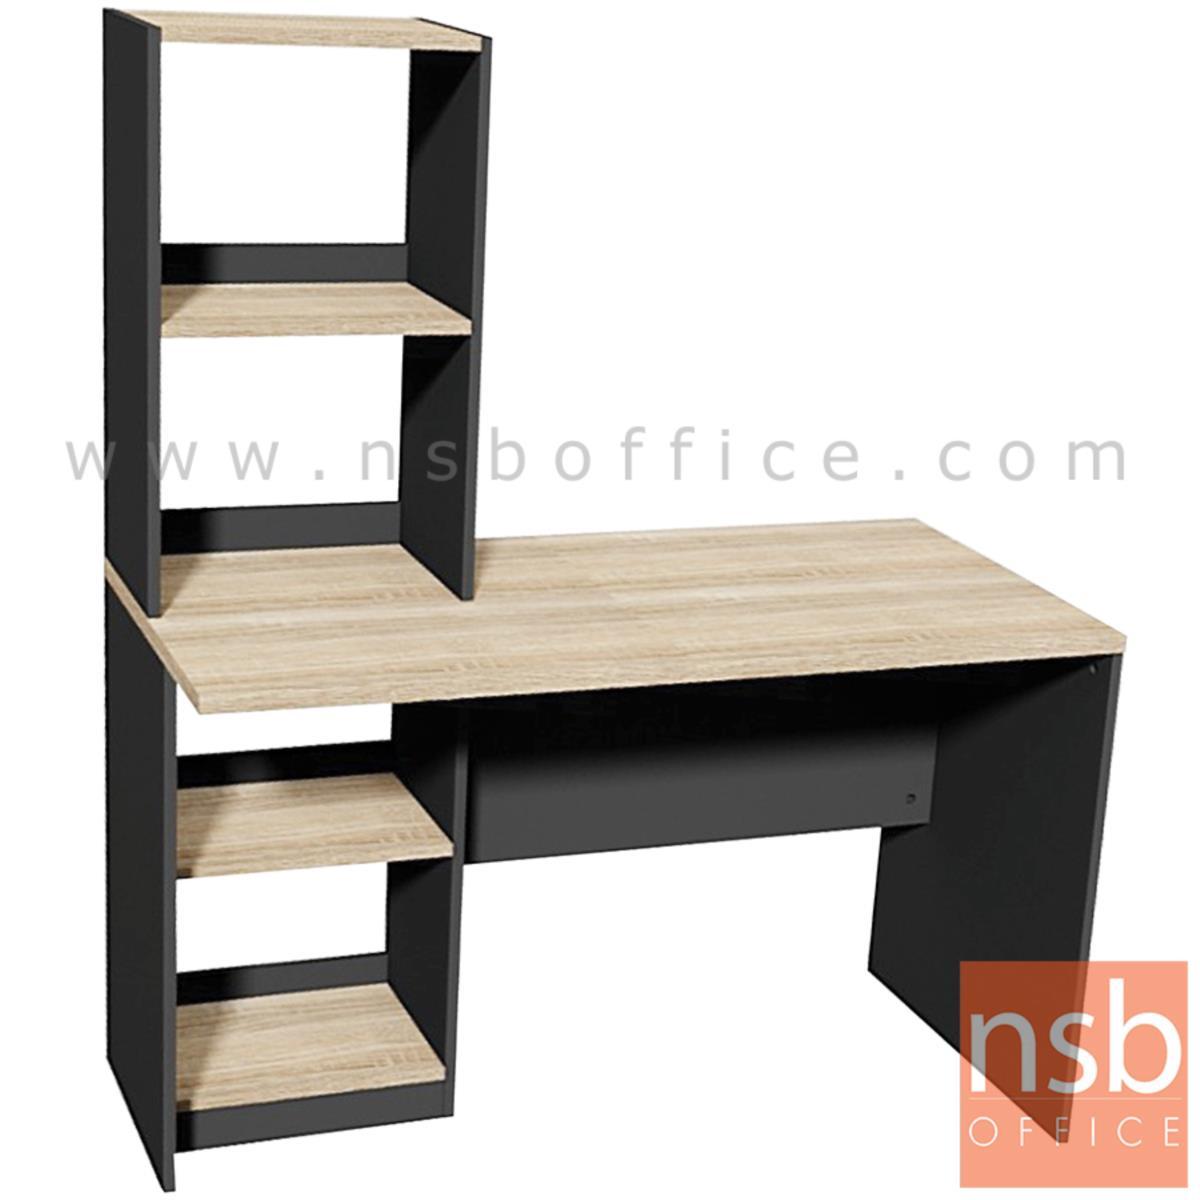 A35A013:โต๊ะทำงาน รุ่น Cavalli (คาวาลิ) ขนาด 120W cm. พร้อมชั้นวางของ เมลามีน สีแกรนโอ๊คตัดกราไฟท์